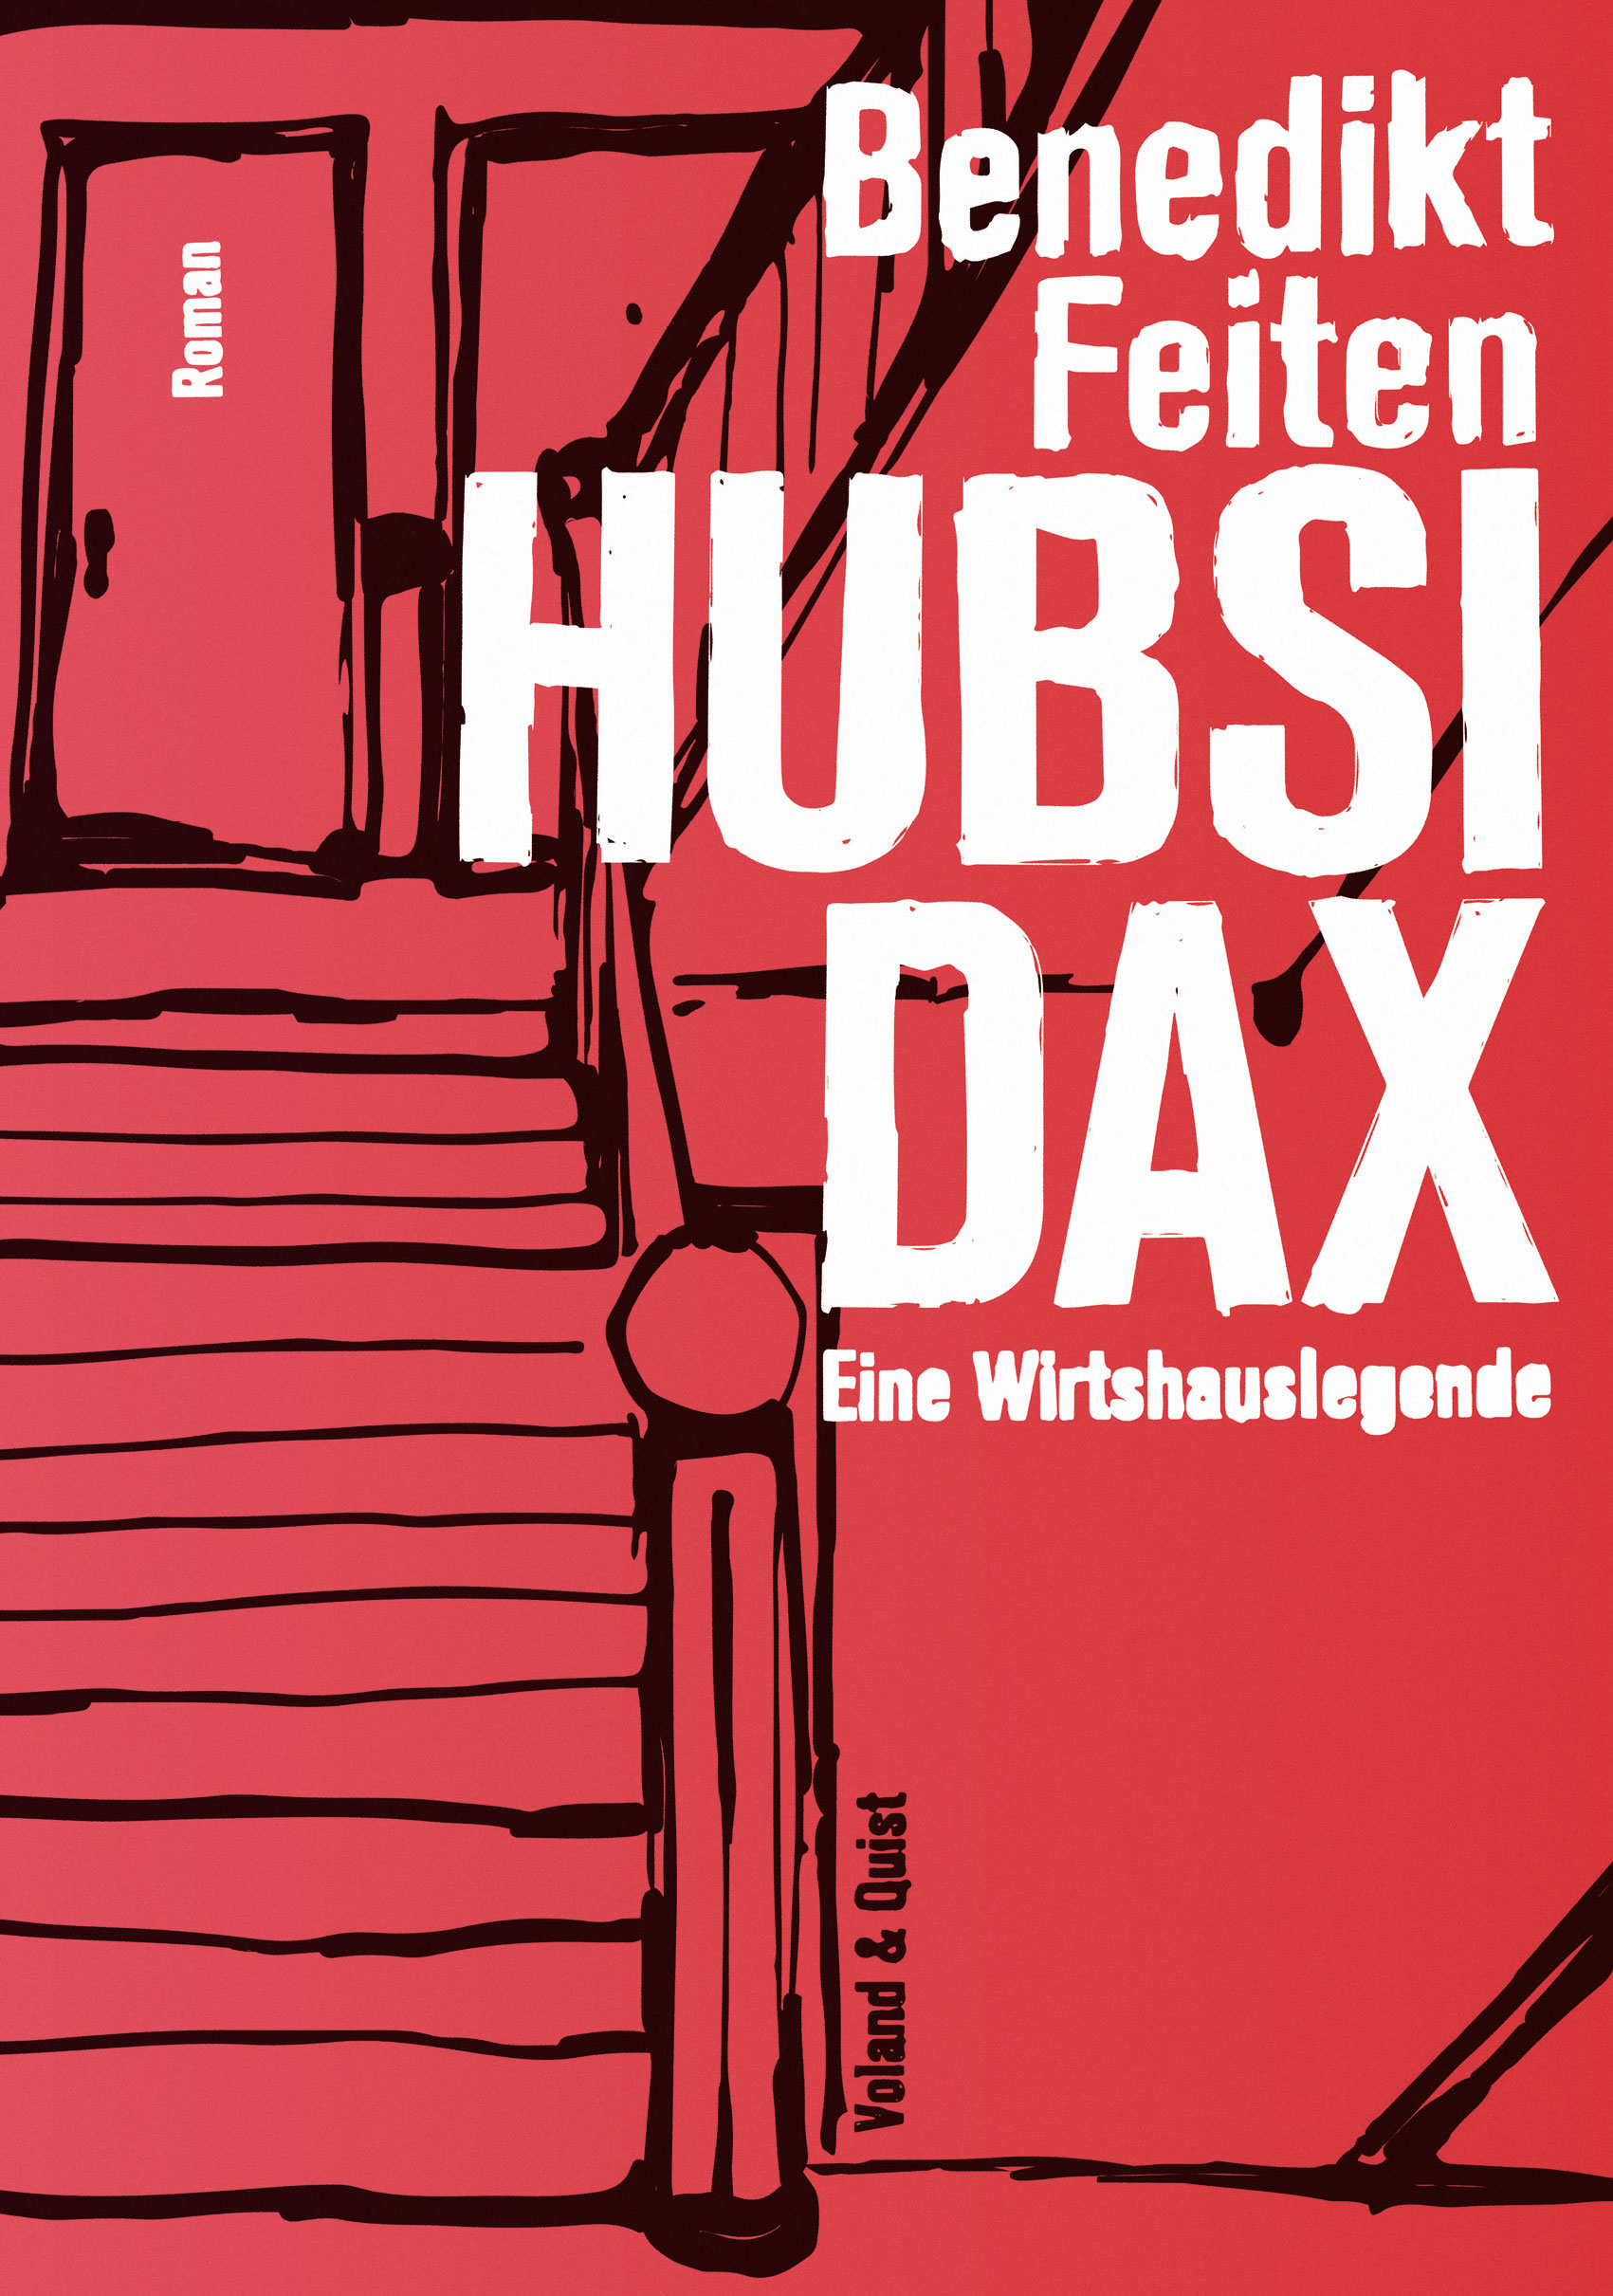 Benedikt Feiten Hubsi Dax benedikt cyberspace first steps cloth